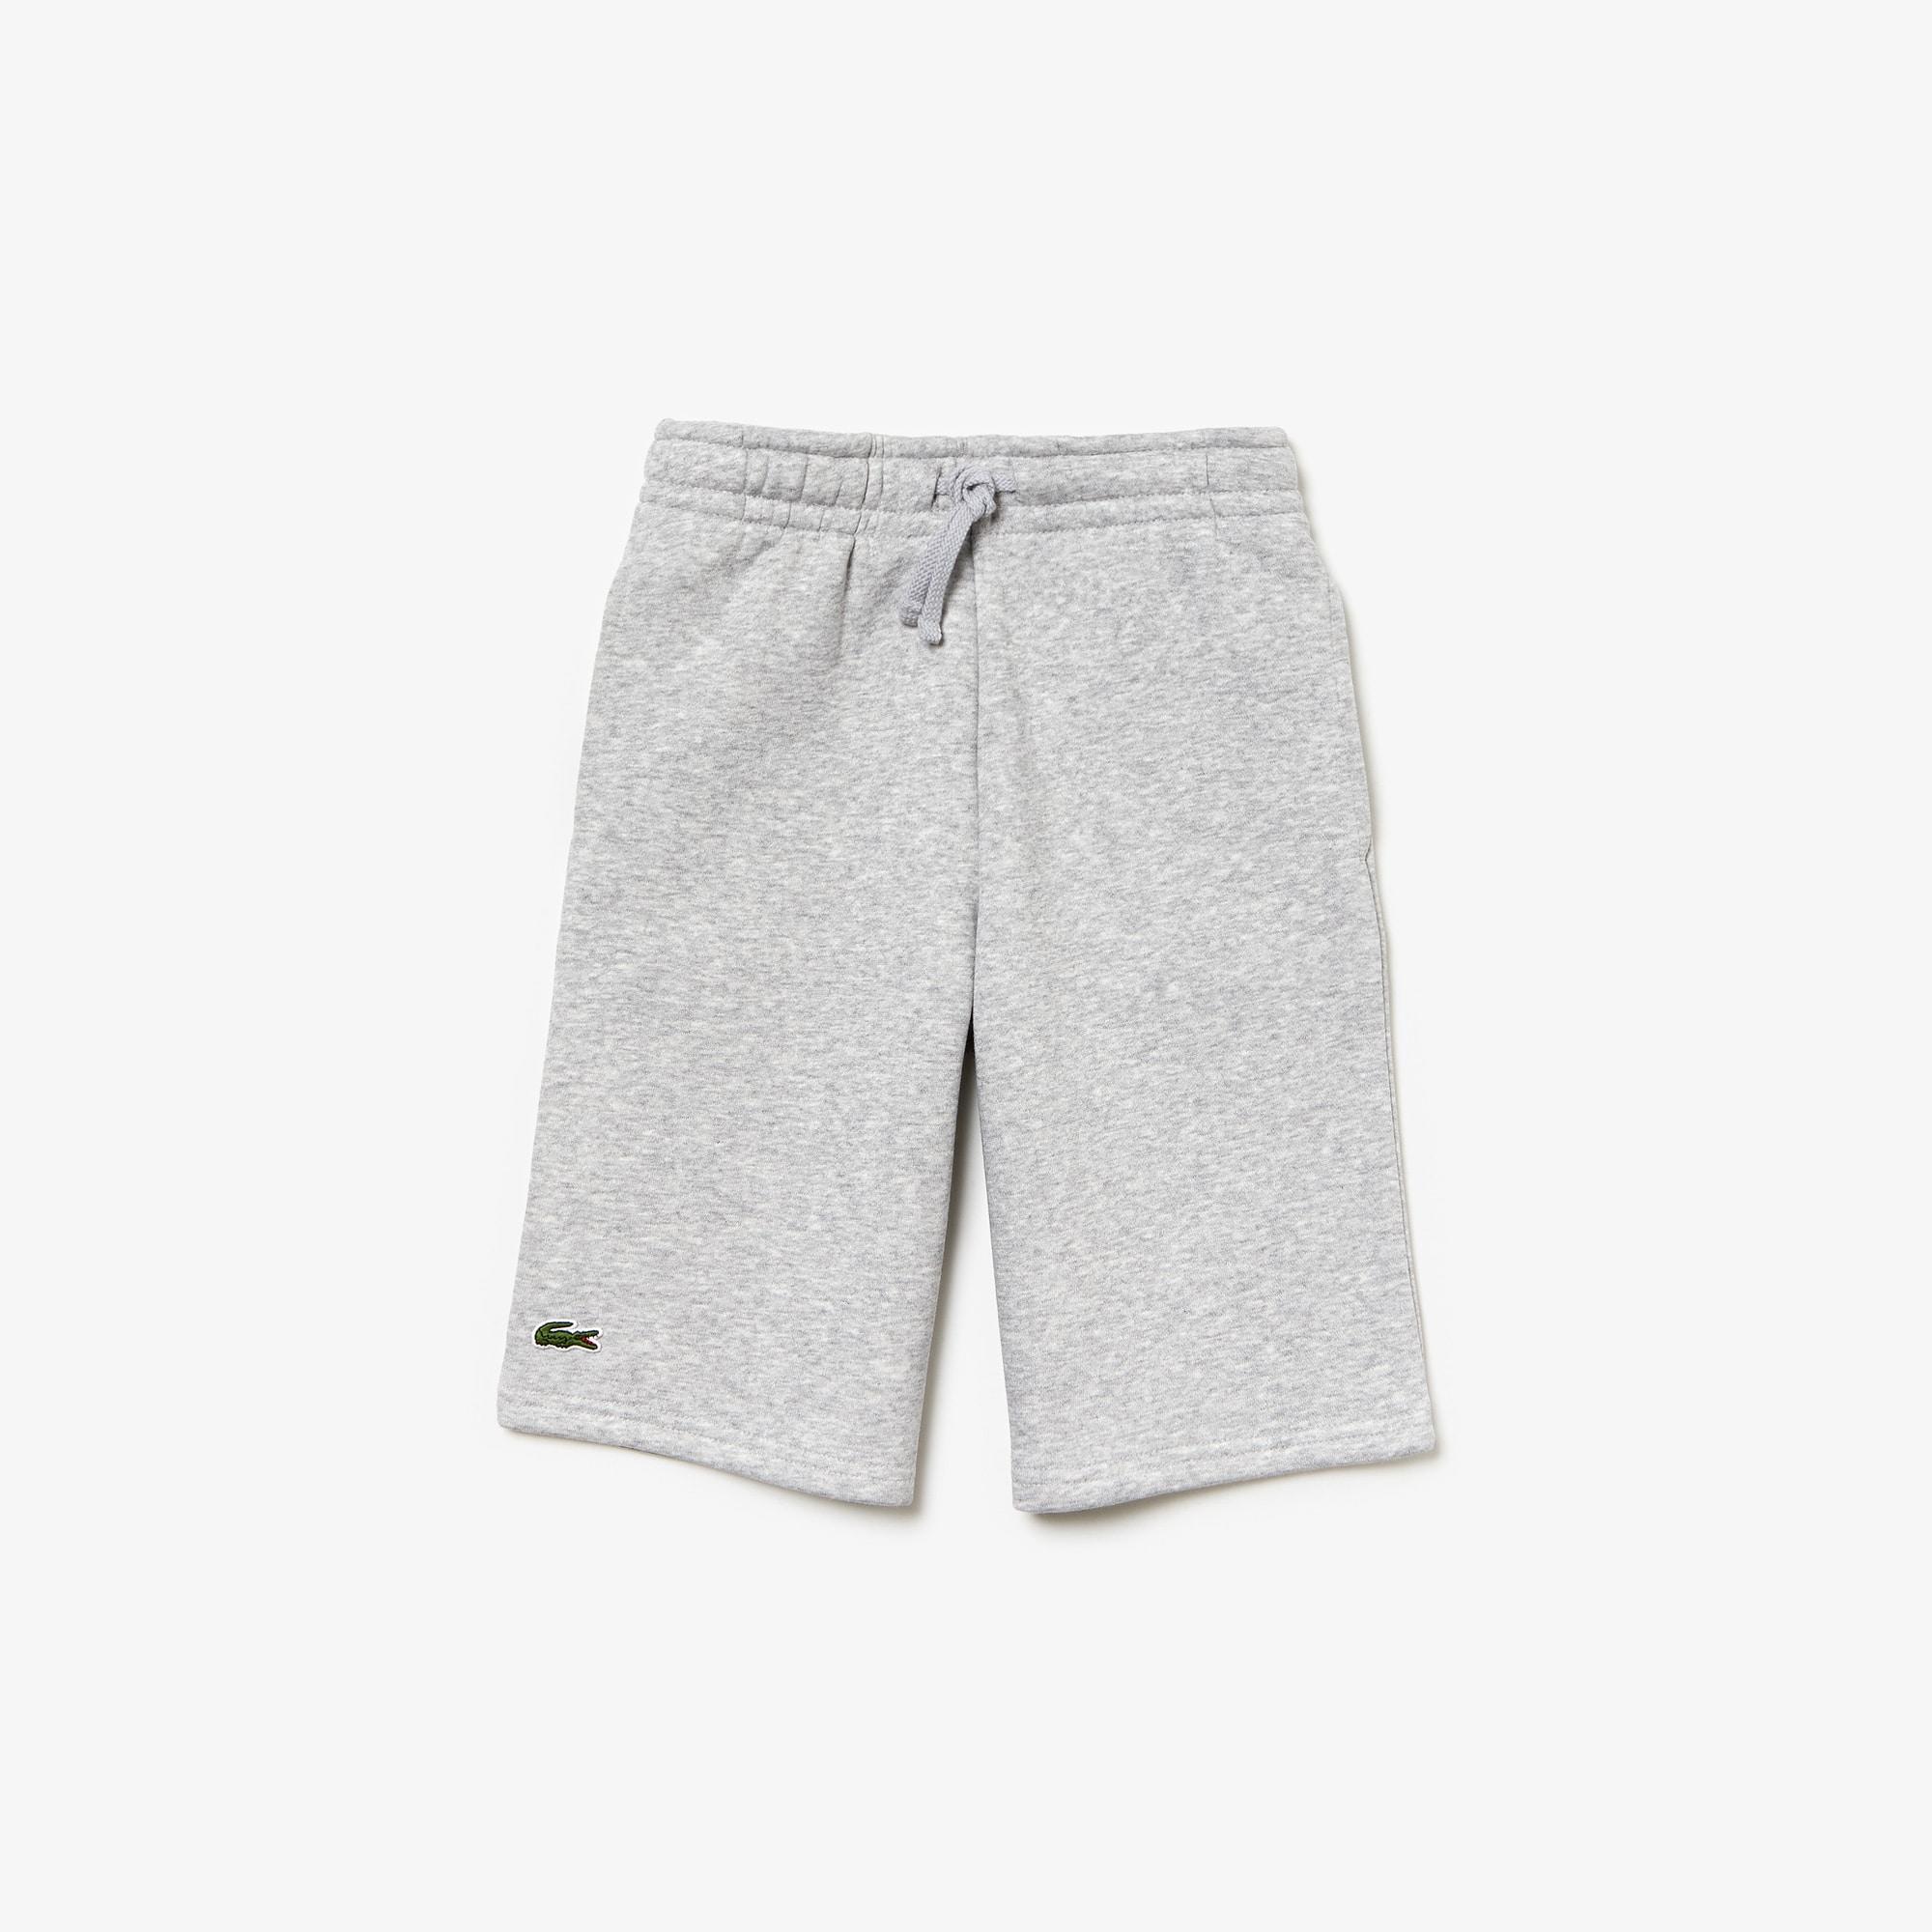 Jungen-Shorts aus Baumwollfleece LACOSTESPORT TENNIS